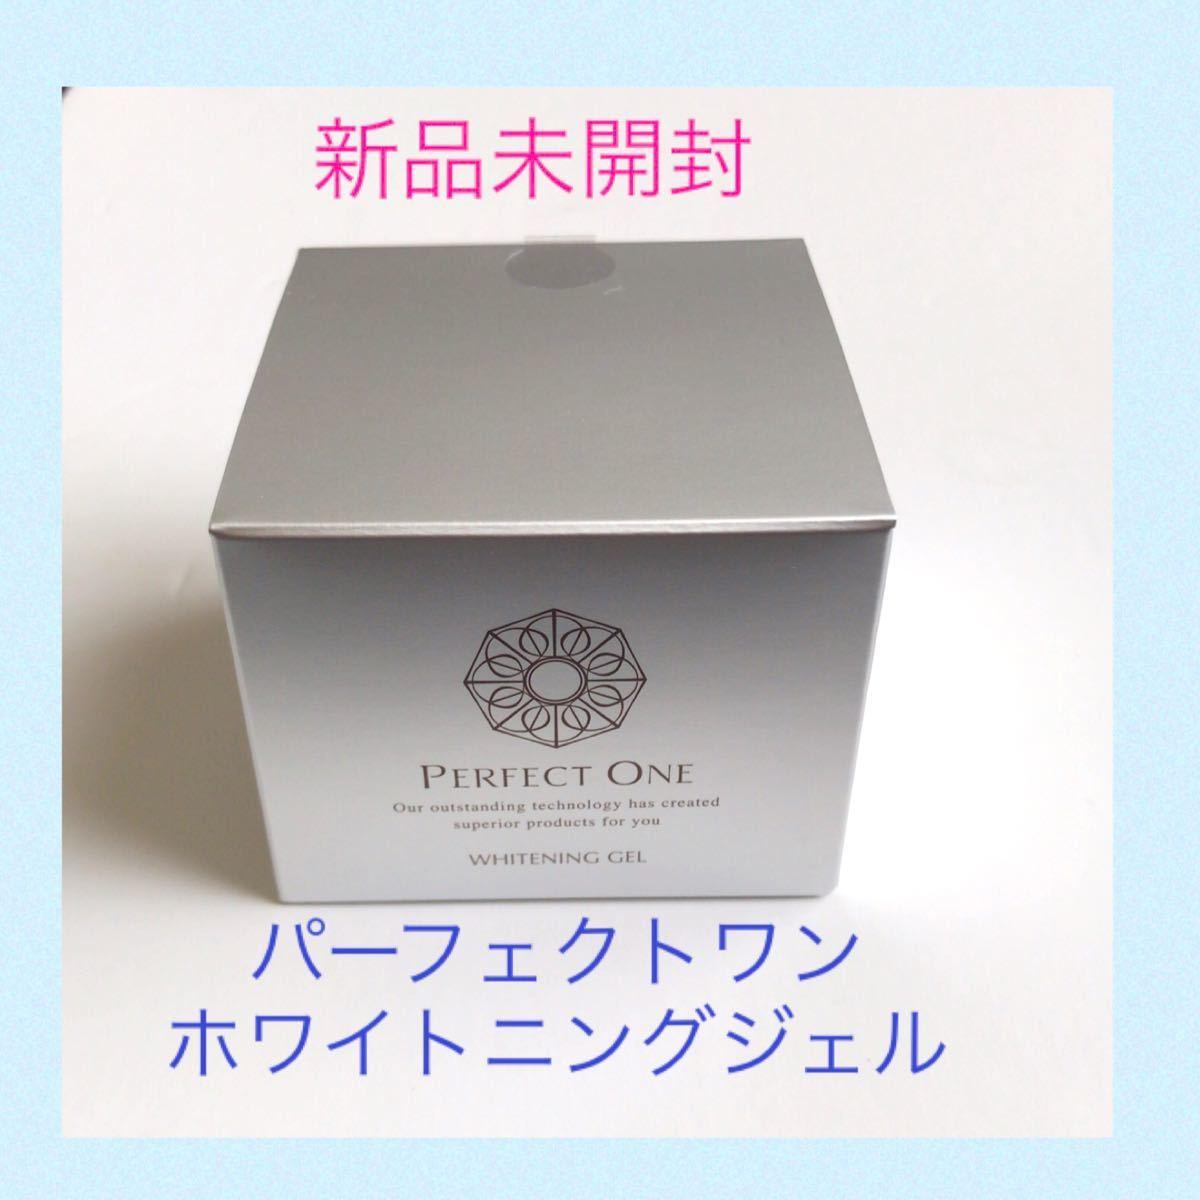 【新品未開封】パーフェクトワン 薬用ホワイトニングジェル (医薬部外品)美容液ジェル 75g